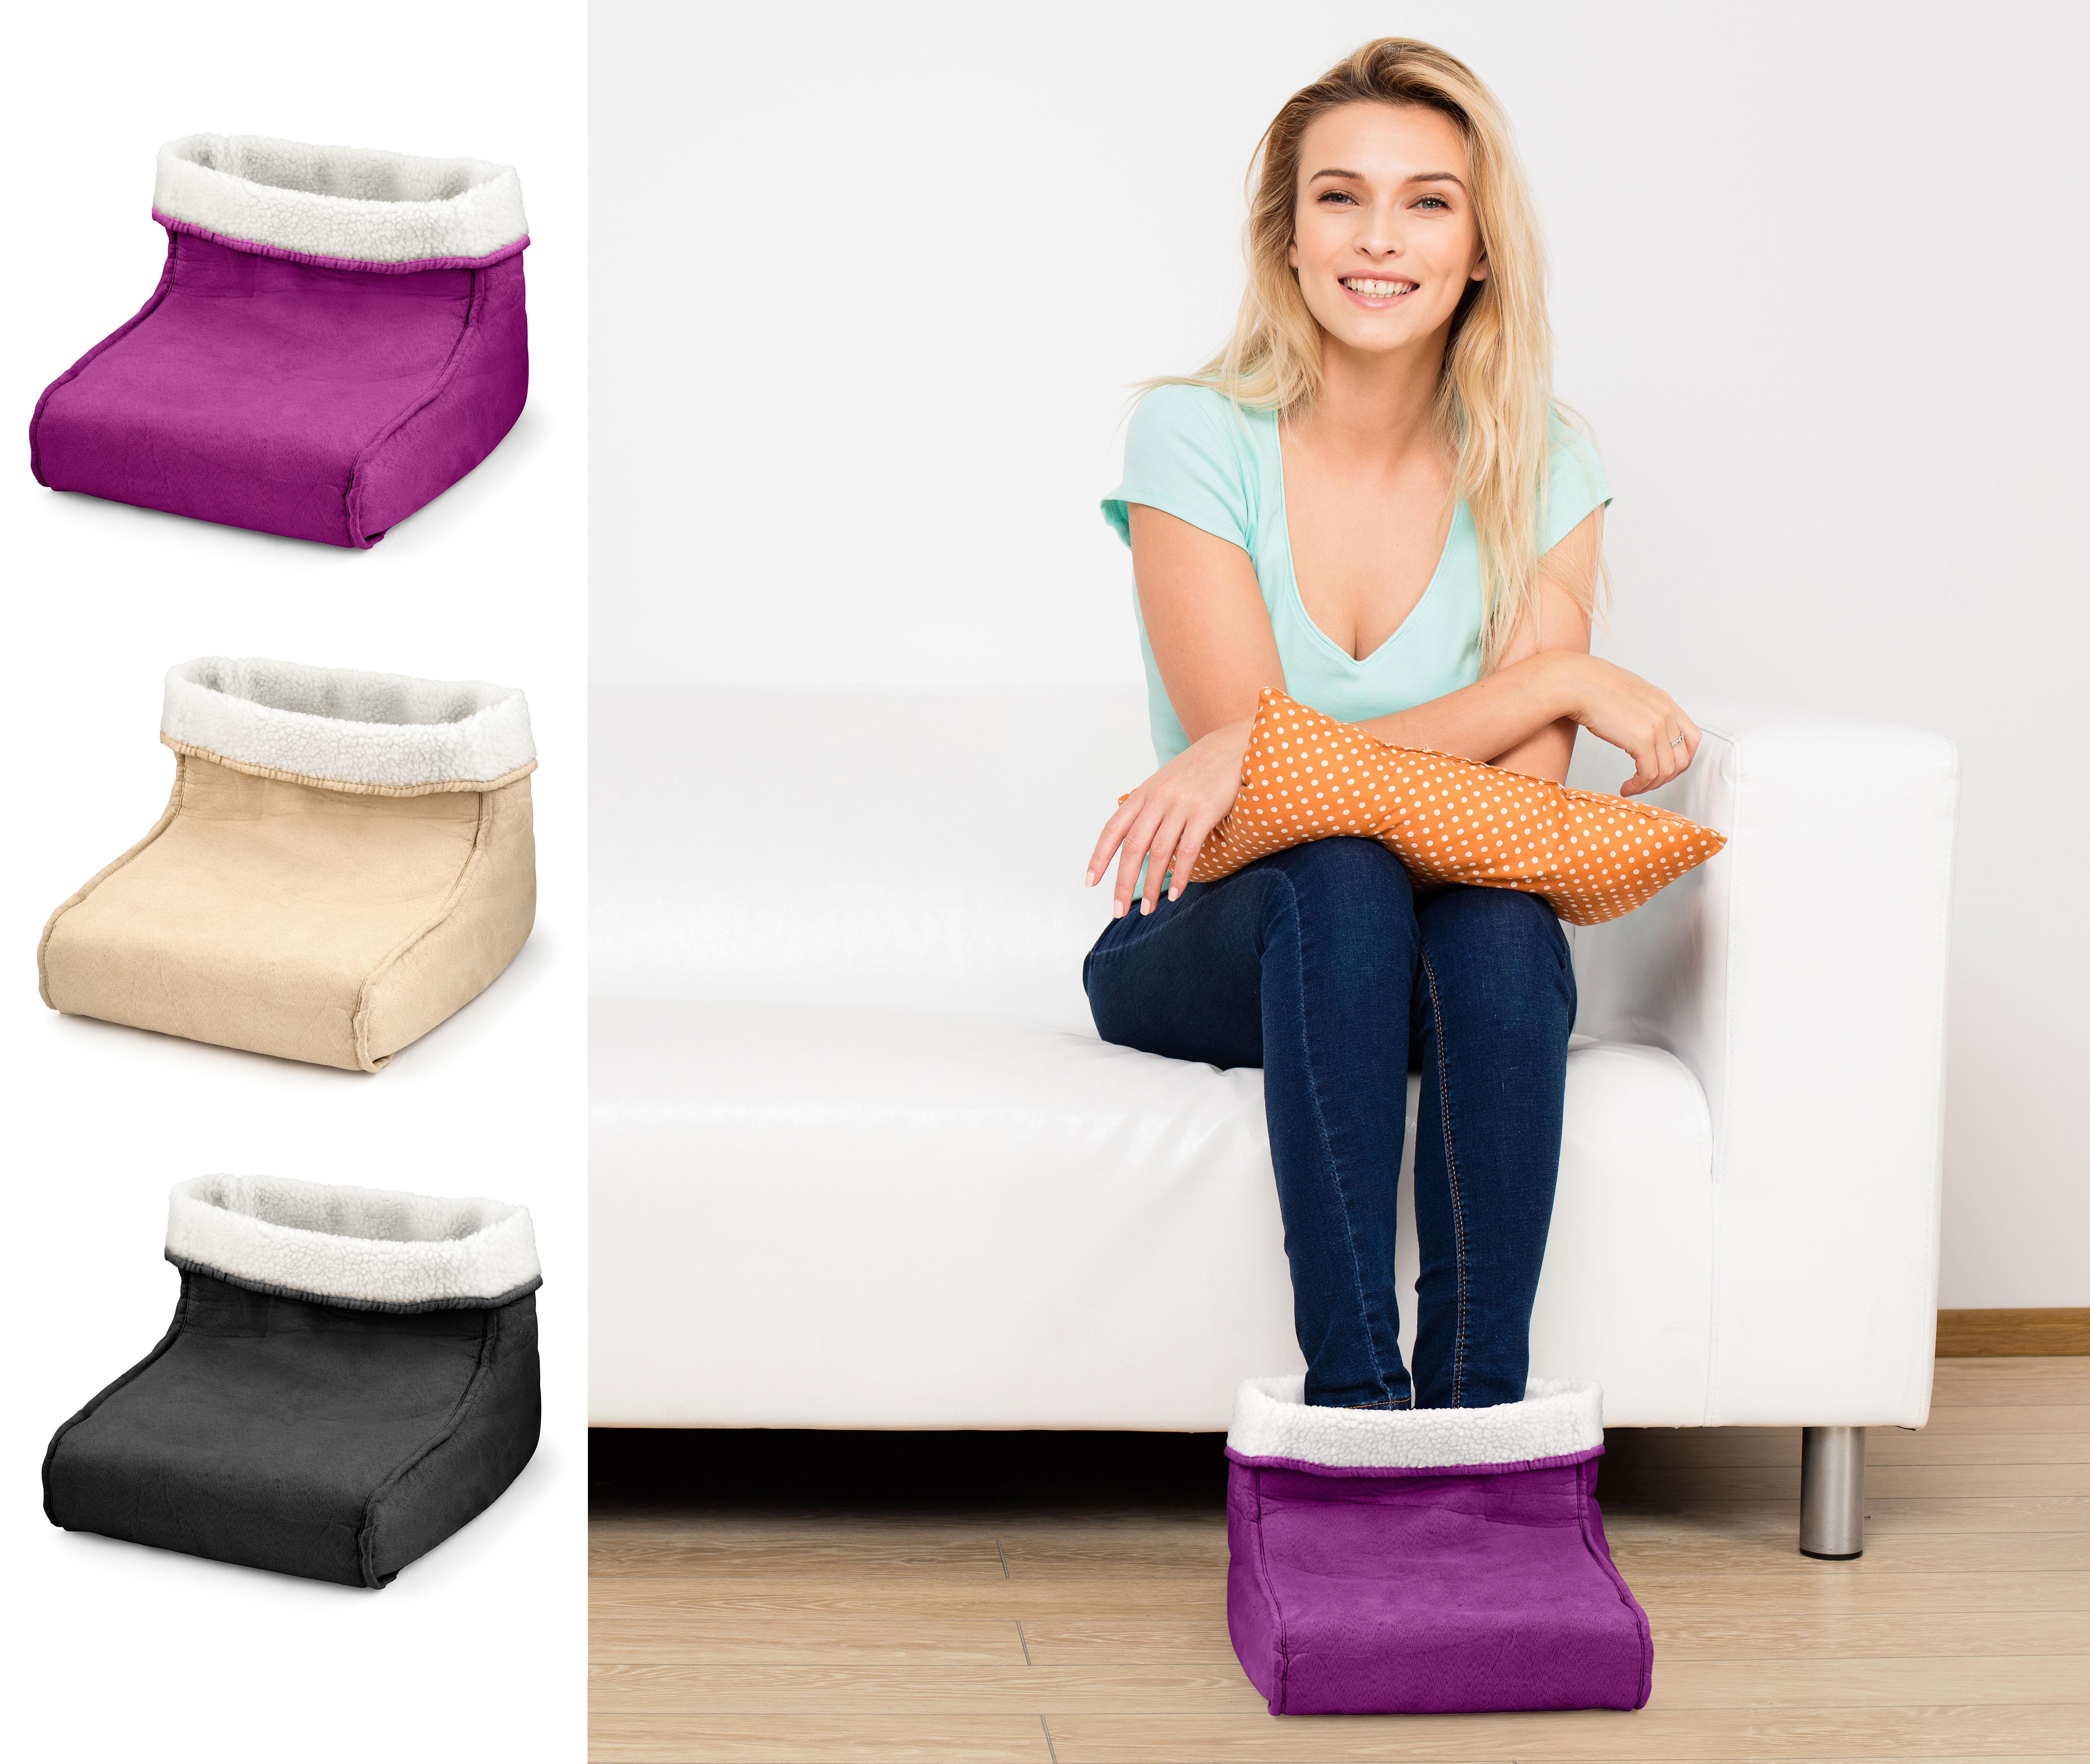 ELETTRICO piede più caldo e Massaggiatore rilassante massaggio rilassante piedi caldi in pelliccia sintetica